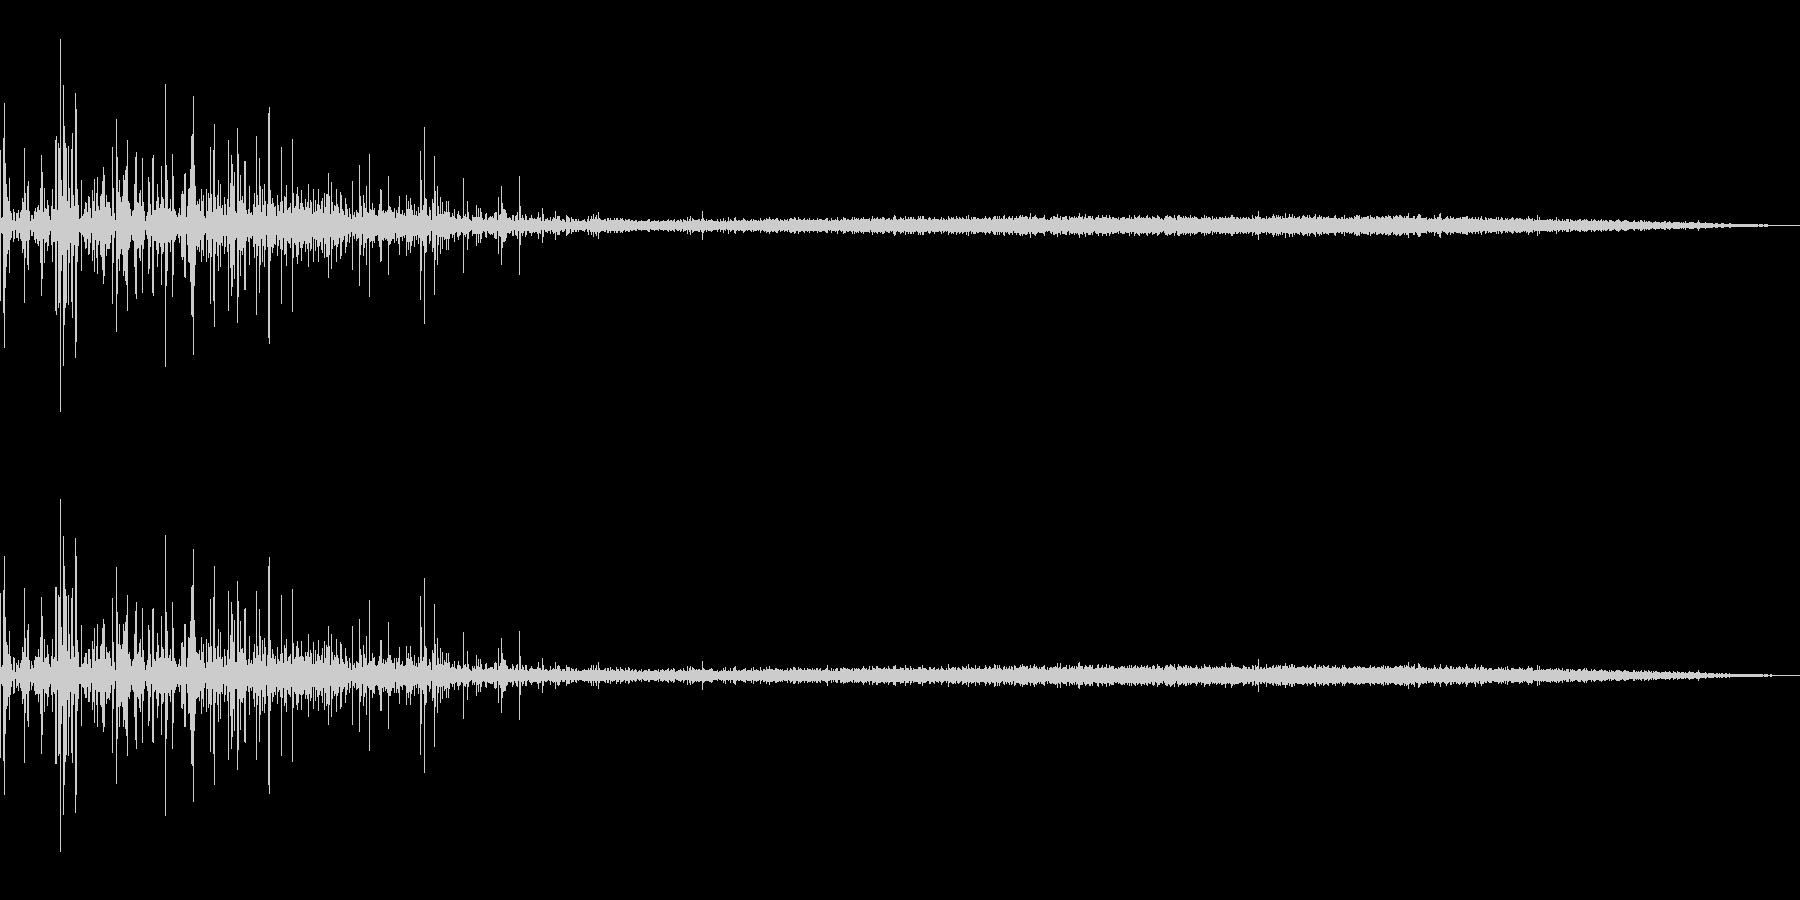 炭酸飲料を注ぐ音の未再生の波形